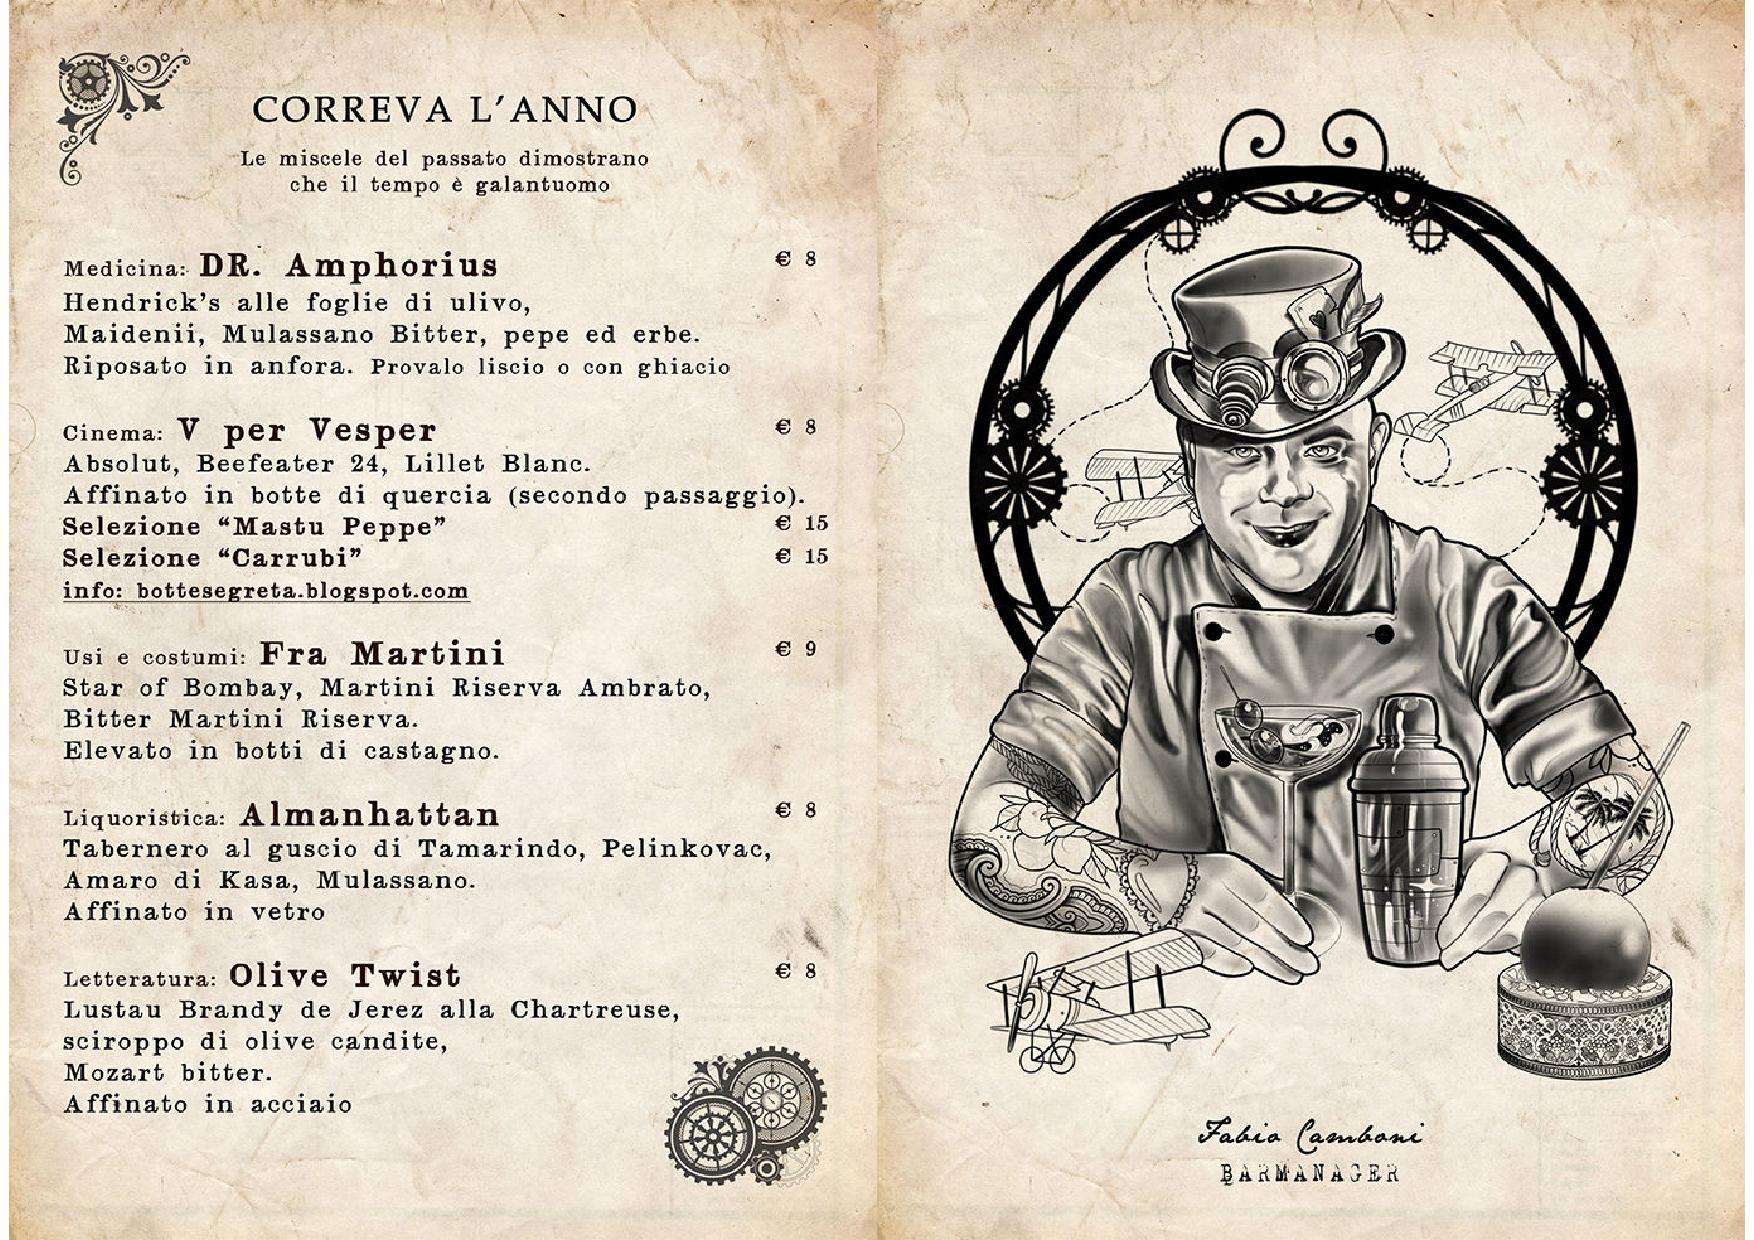 Almanacco dei Cocktails 2018-2019 by Fabio Camboni-page-004